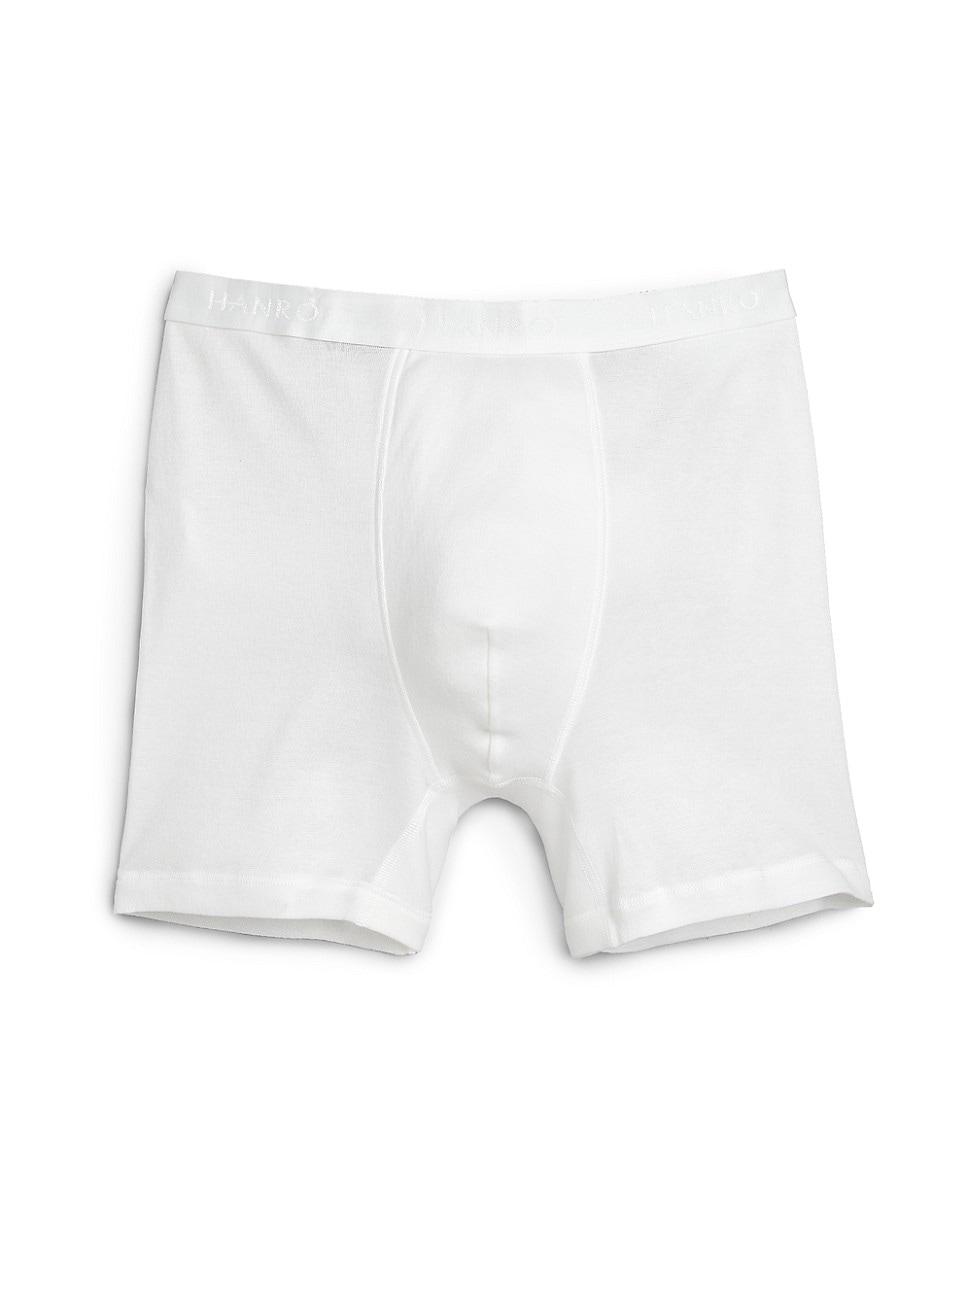 Hanro Men's Cotton Pure Boxer Briefs In White